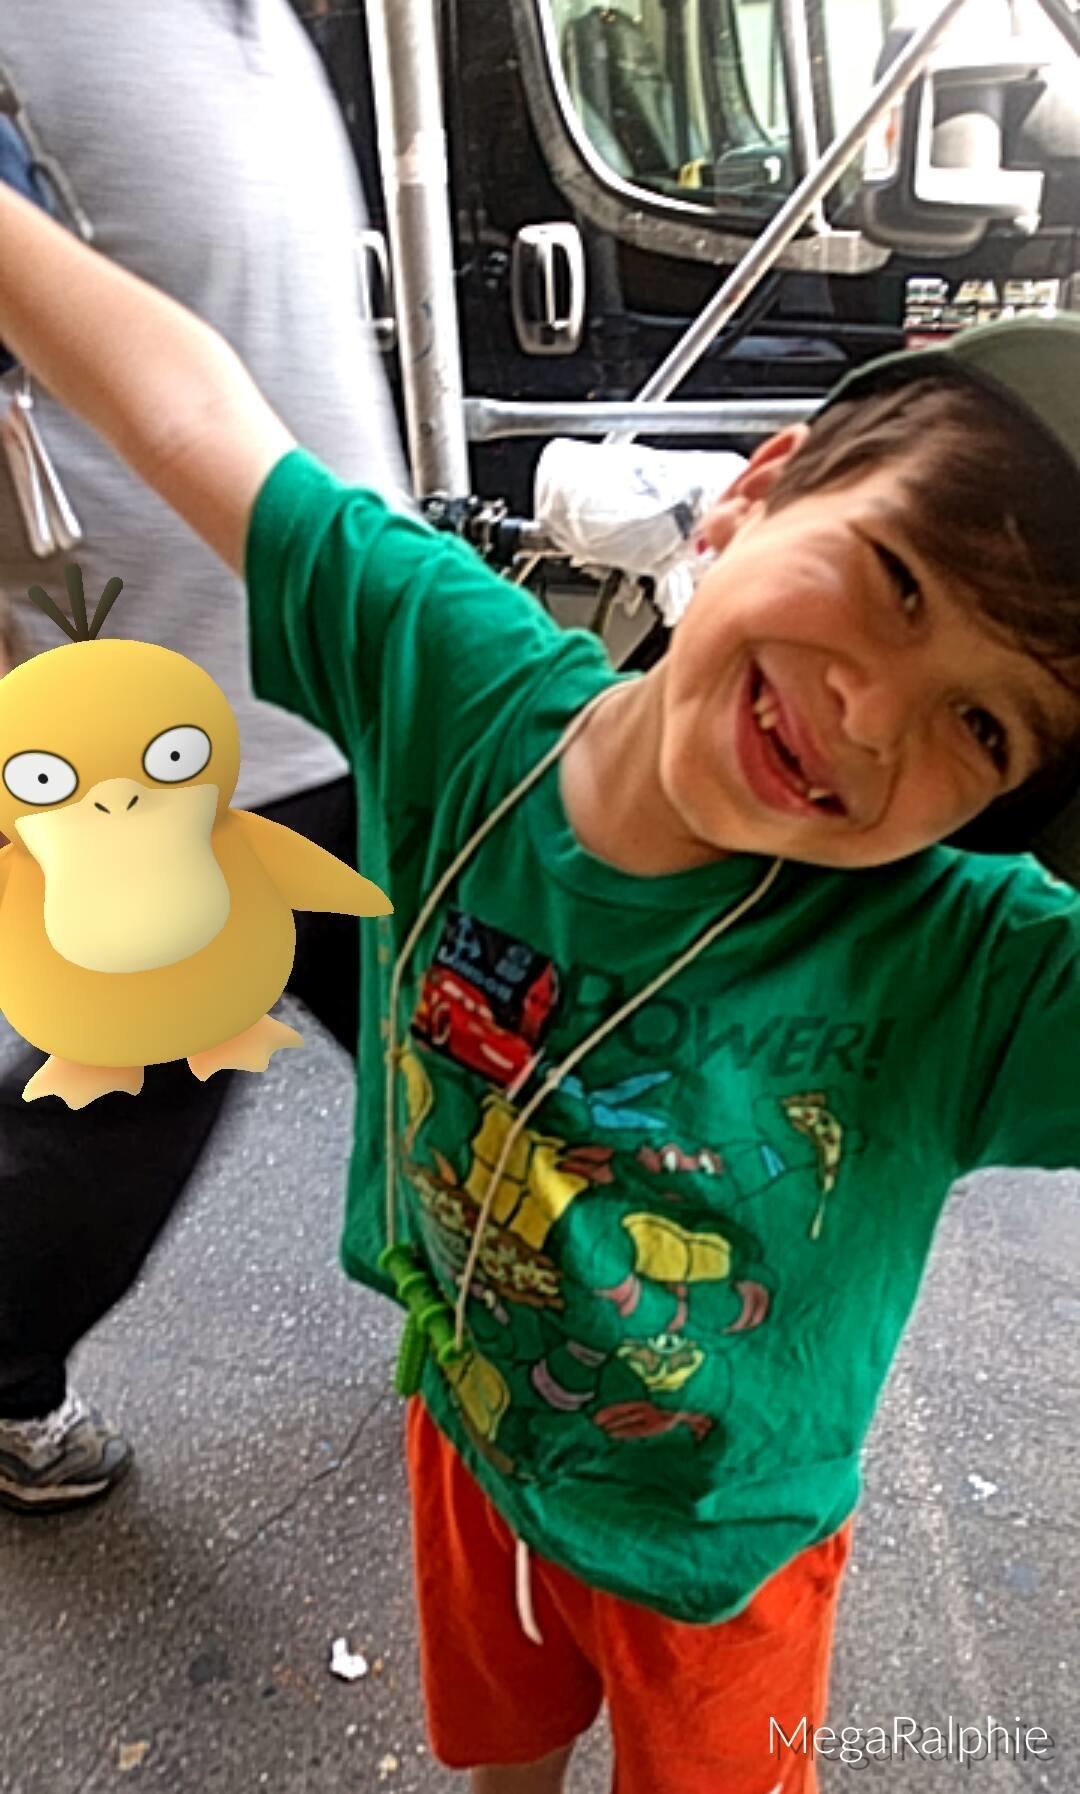 Ralphie, who's a big fan of Pokémon Go.